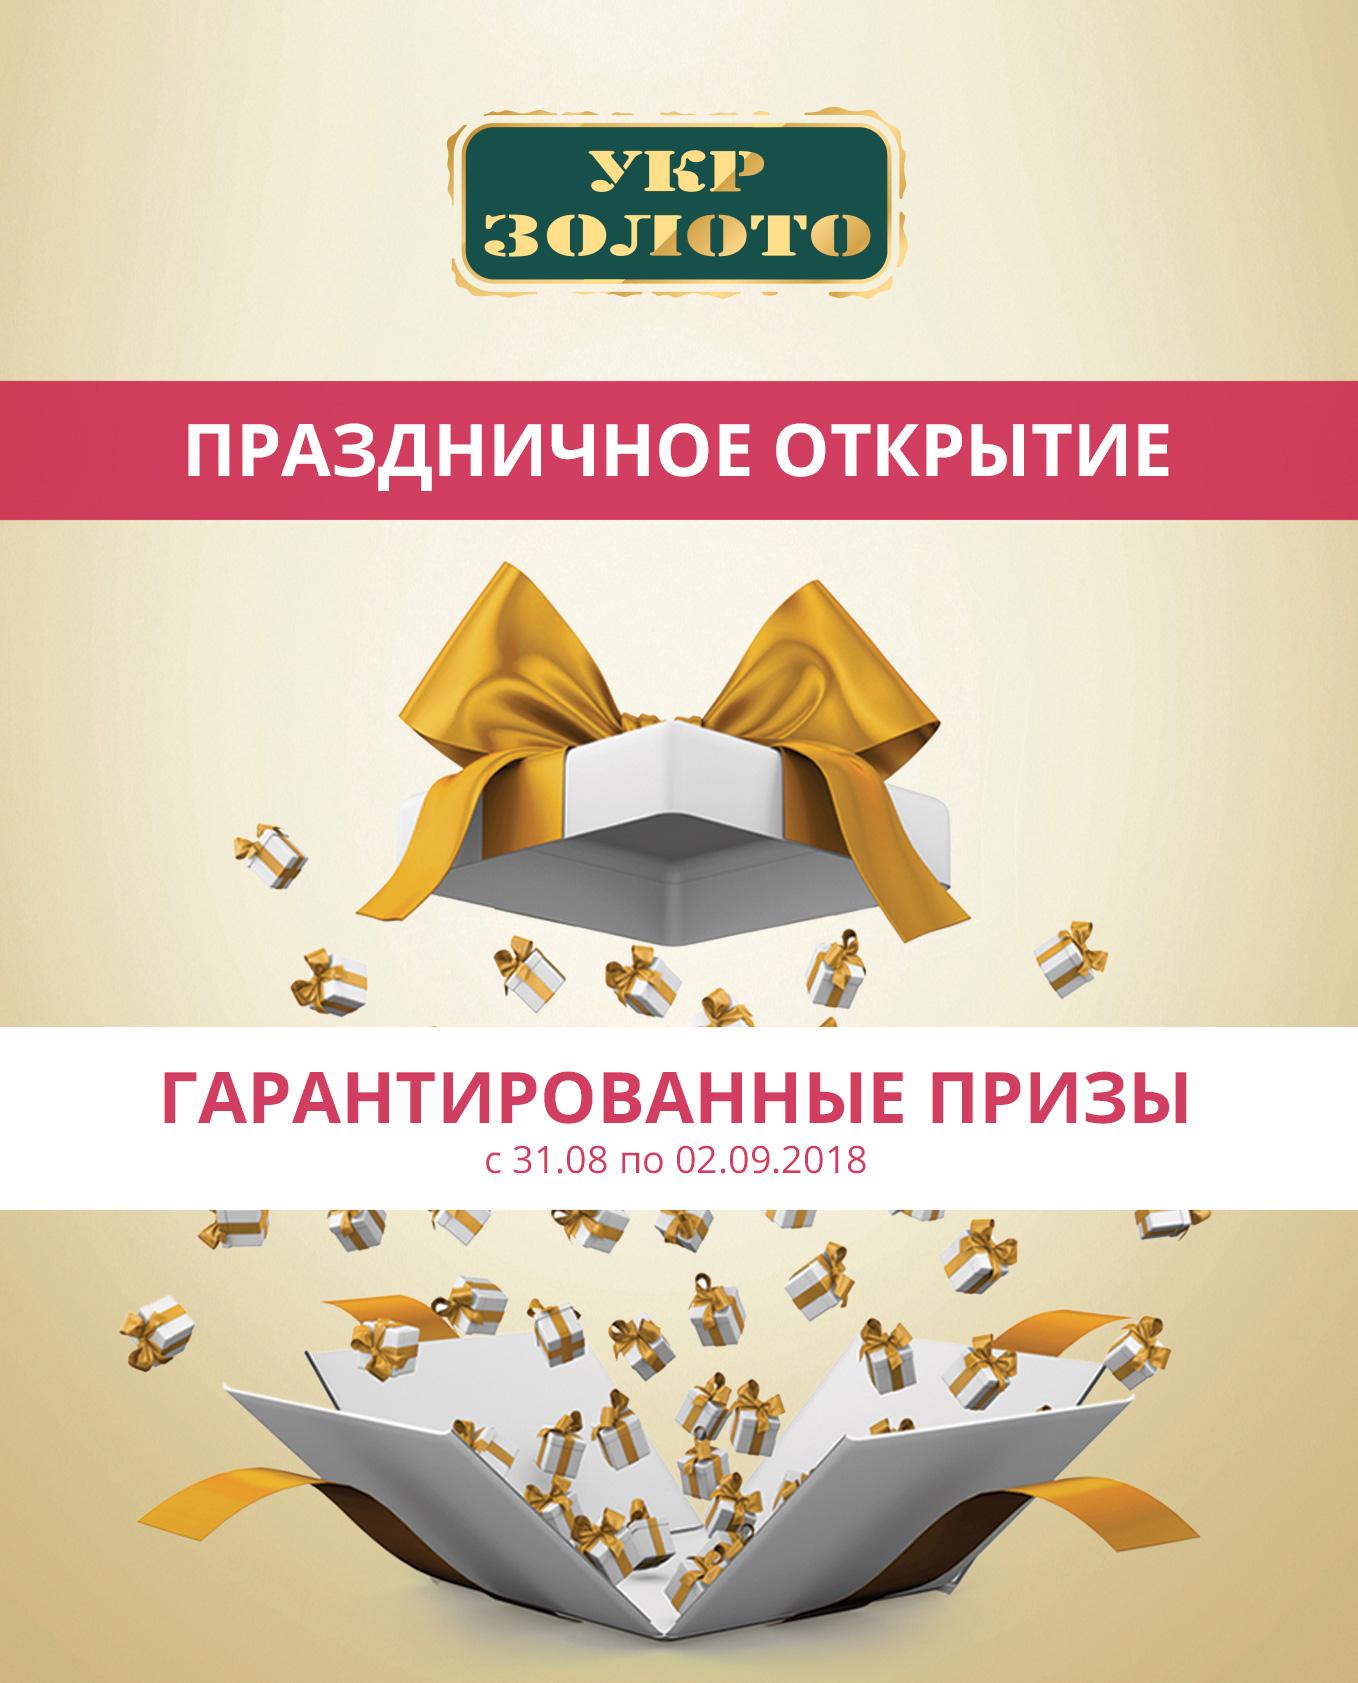 Днепр, встречай обновленный магазин «Укрзолото» в ТРЦ «Караван»!